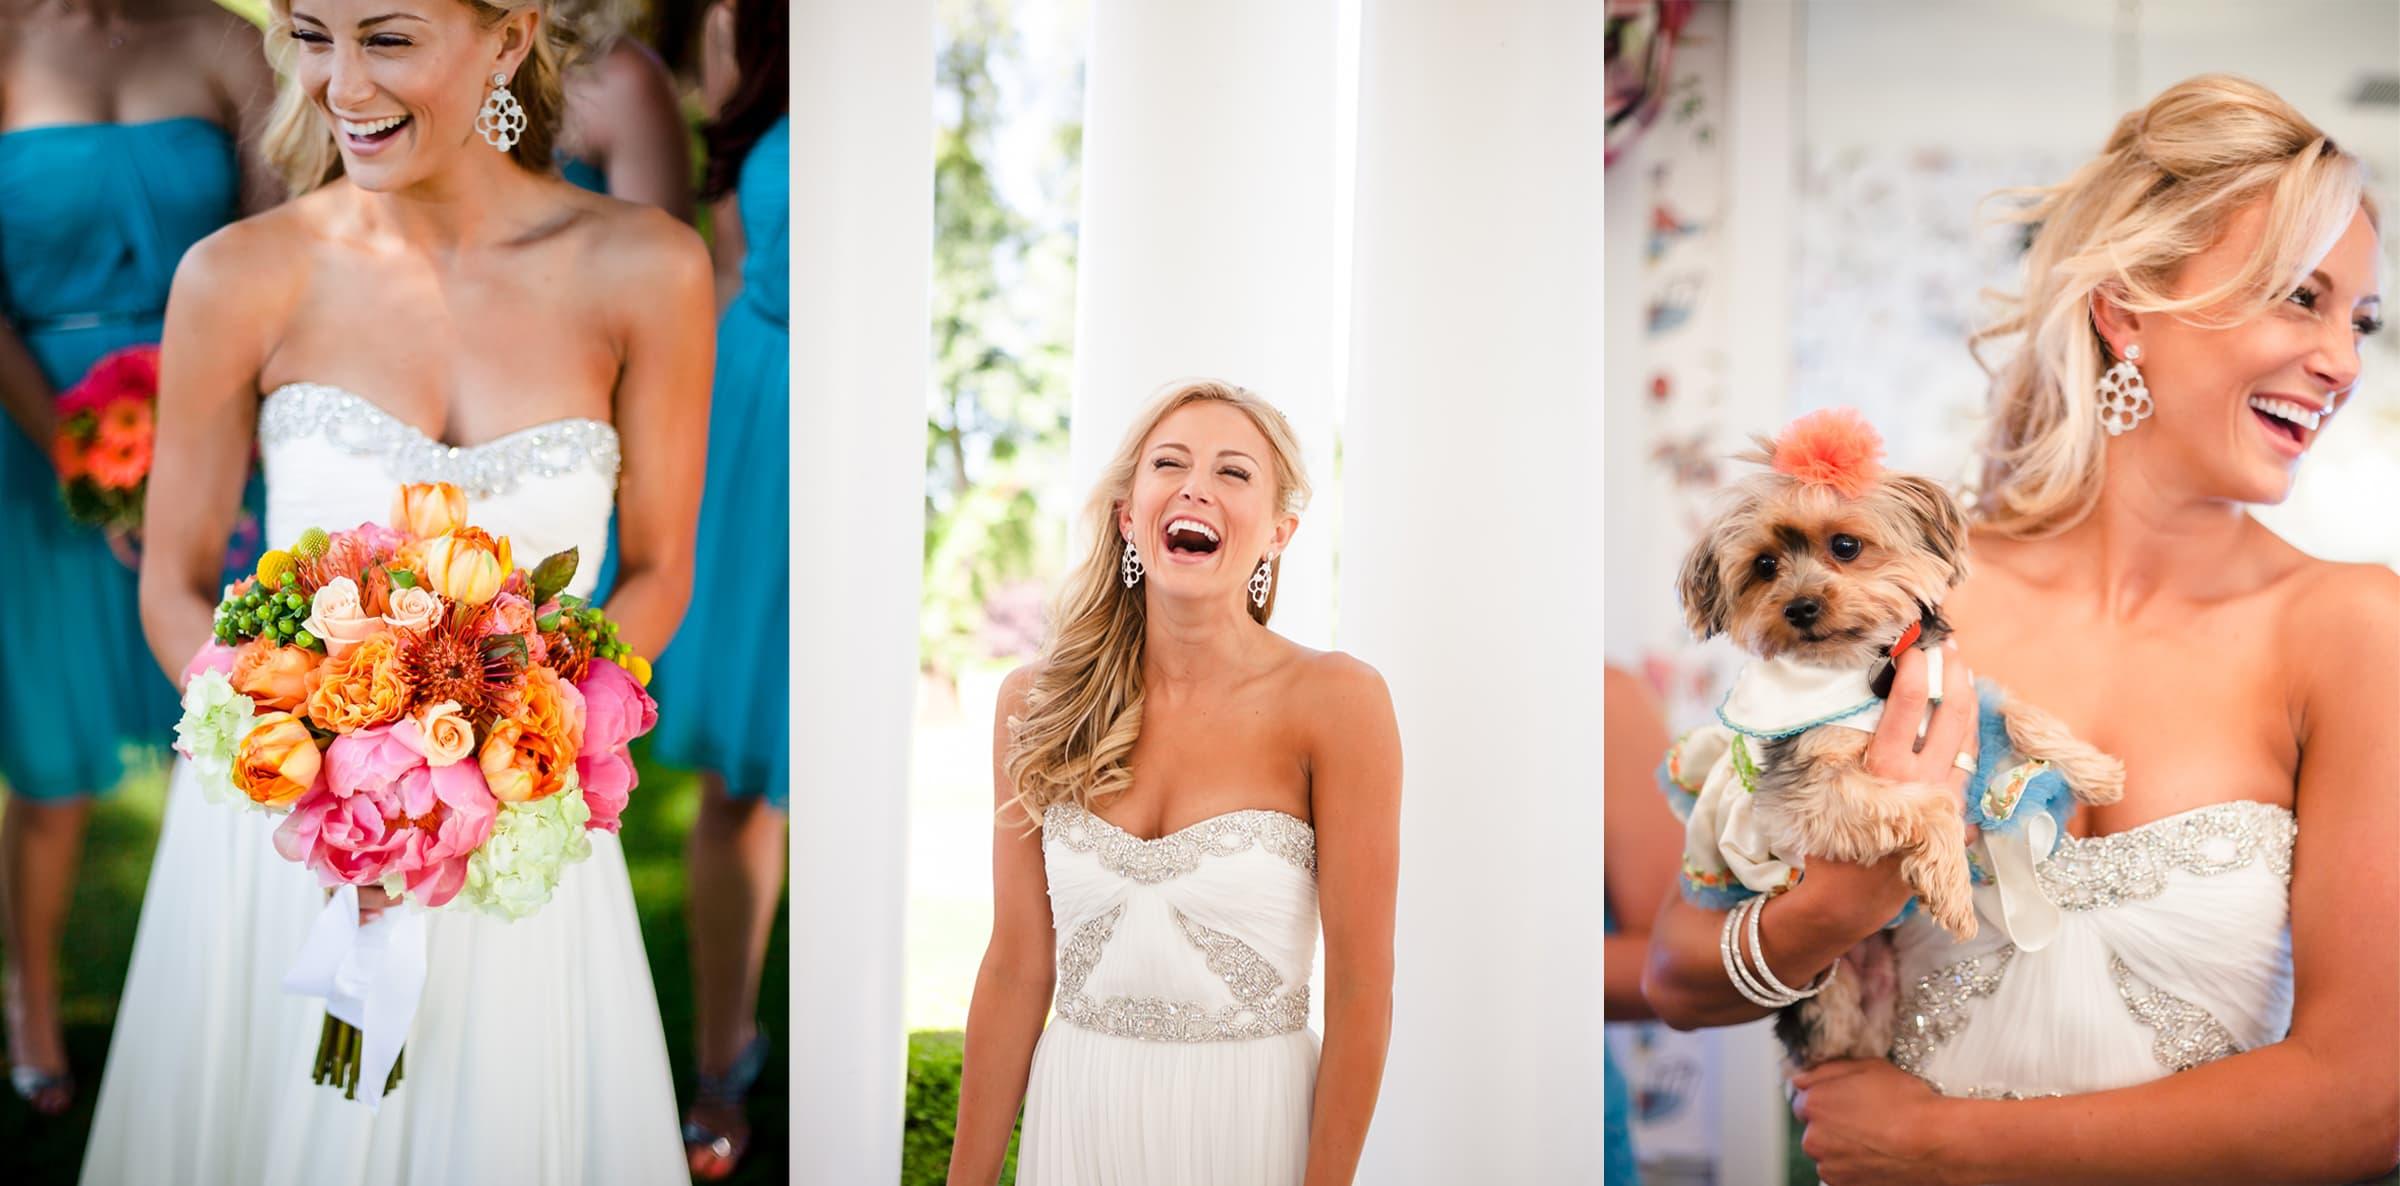 Gorgeous fun bride getting ready at waverley country club wedding in Lake Oswego, Oregon